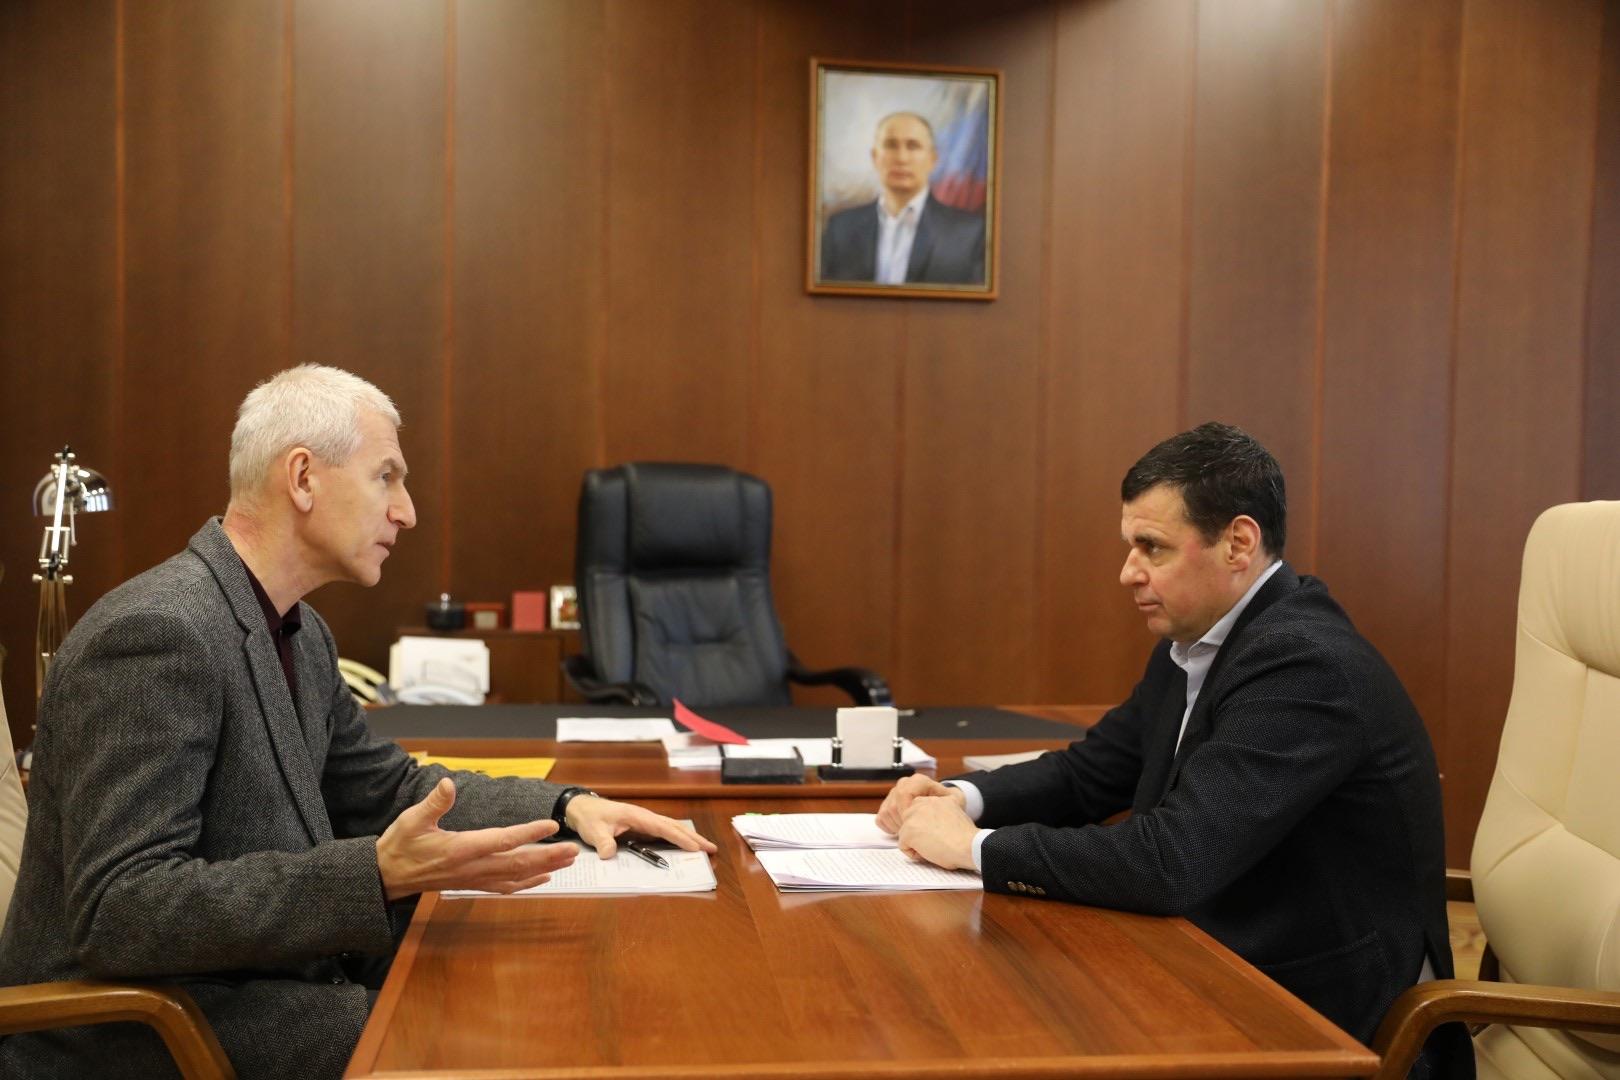 Олег Матыцин и Дмитрий Миронов обсудили перспективные для Ярославской области направления развития спорта